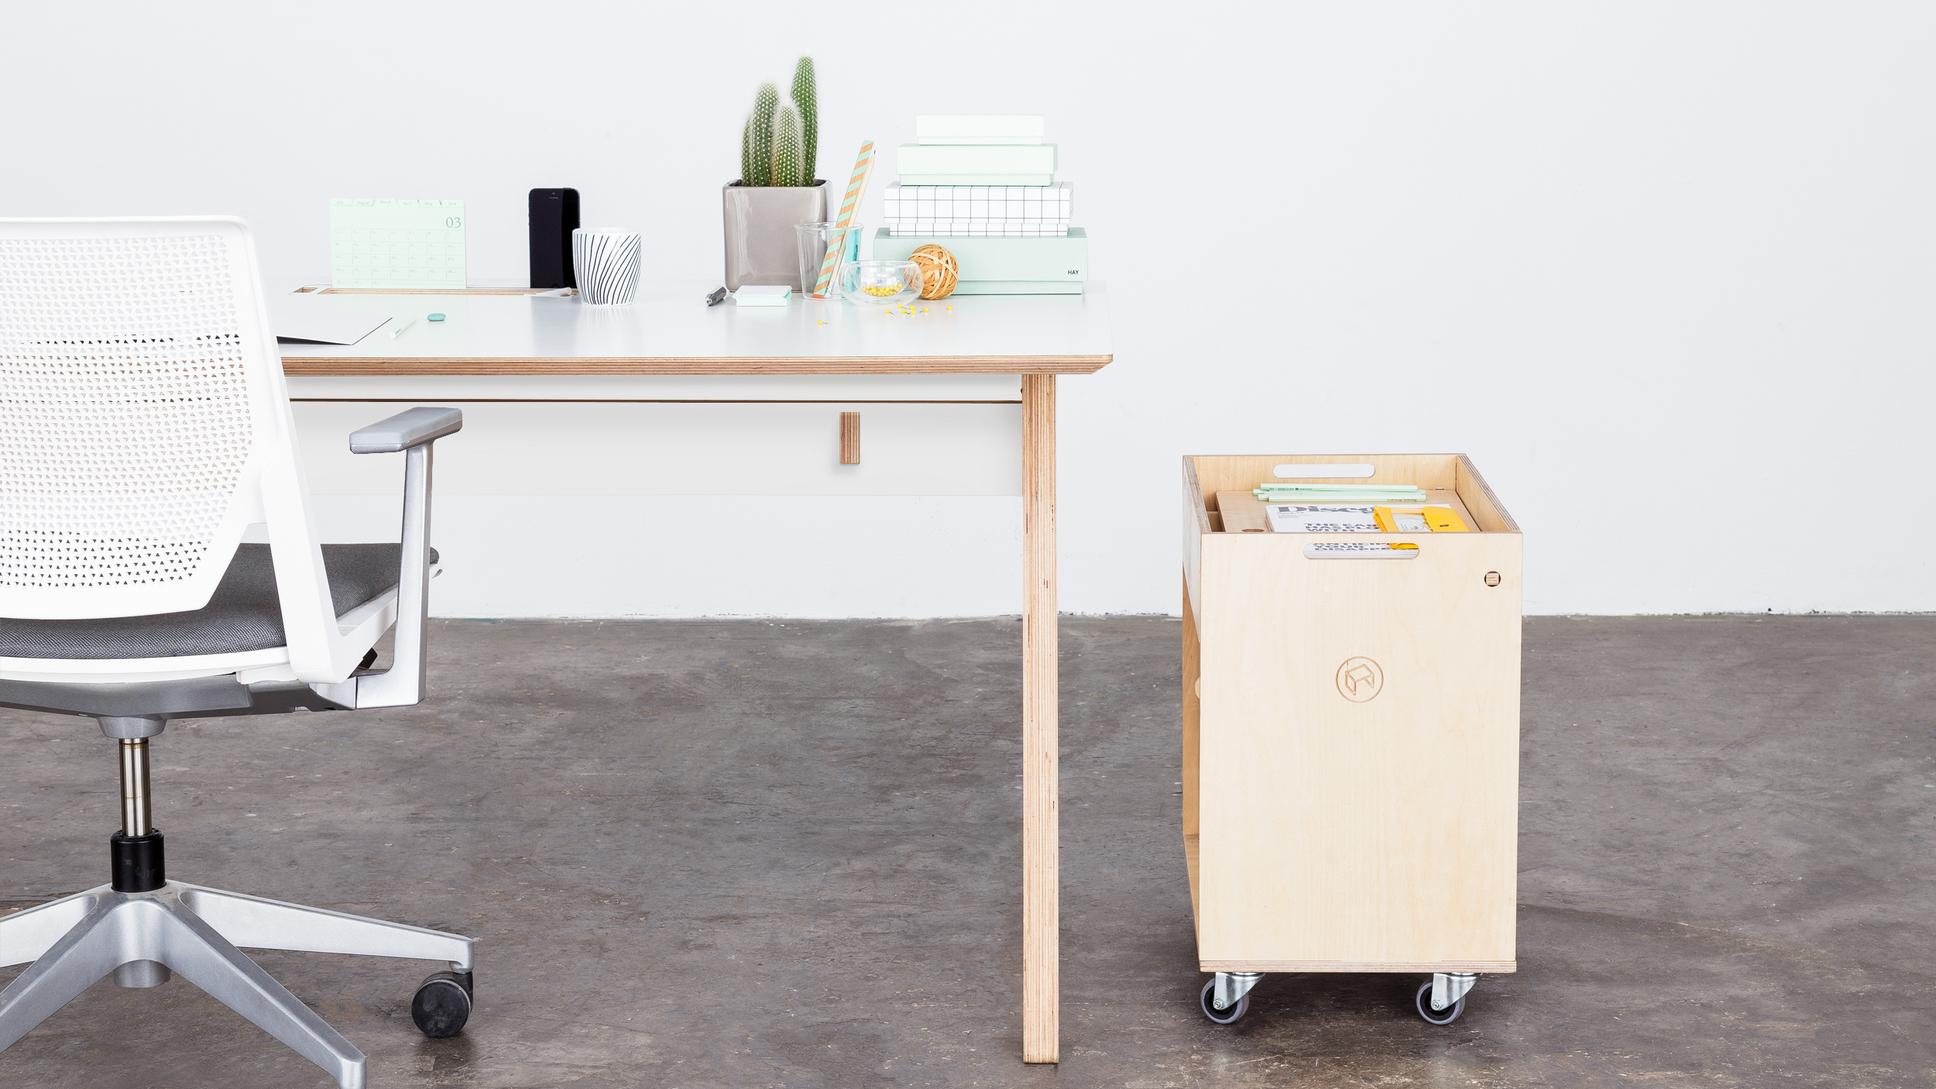 Bureau individuel en bois design opendesk studio desk ⋆ openwood